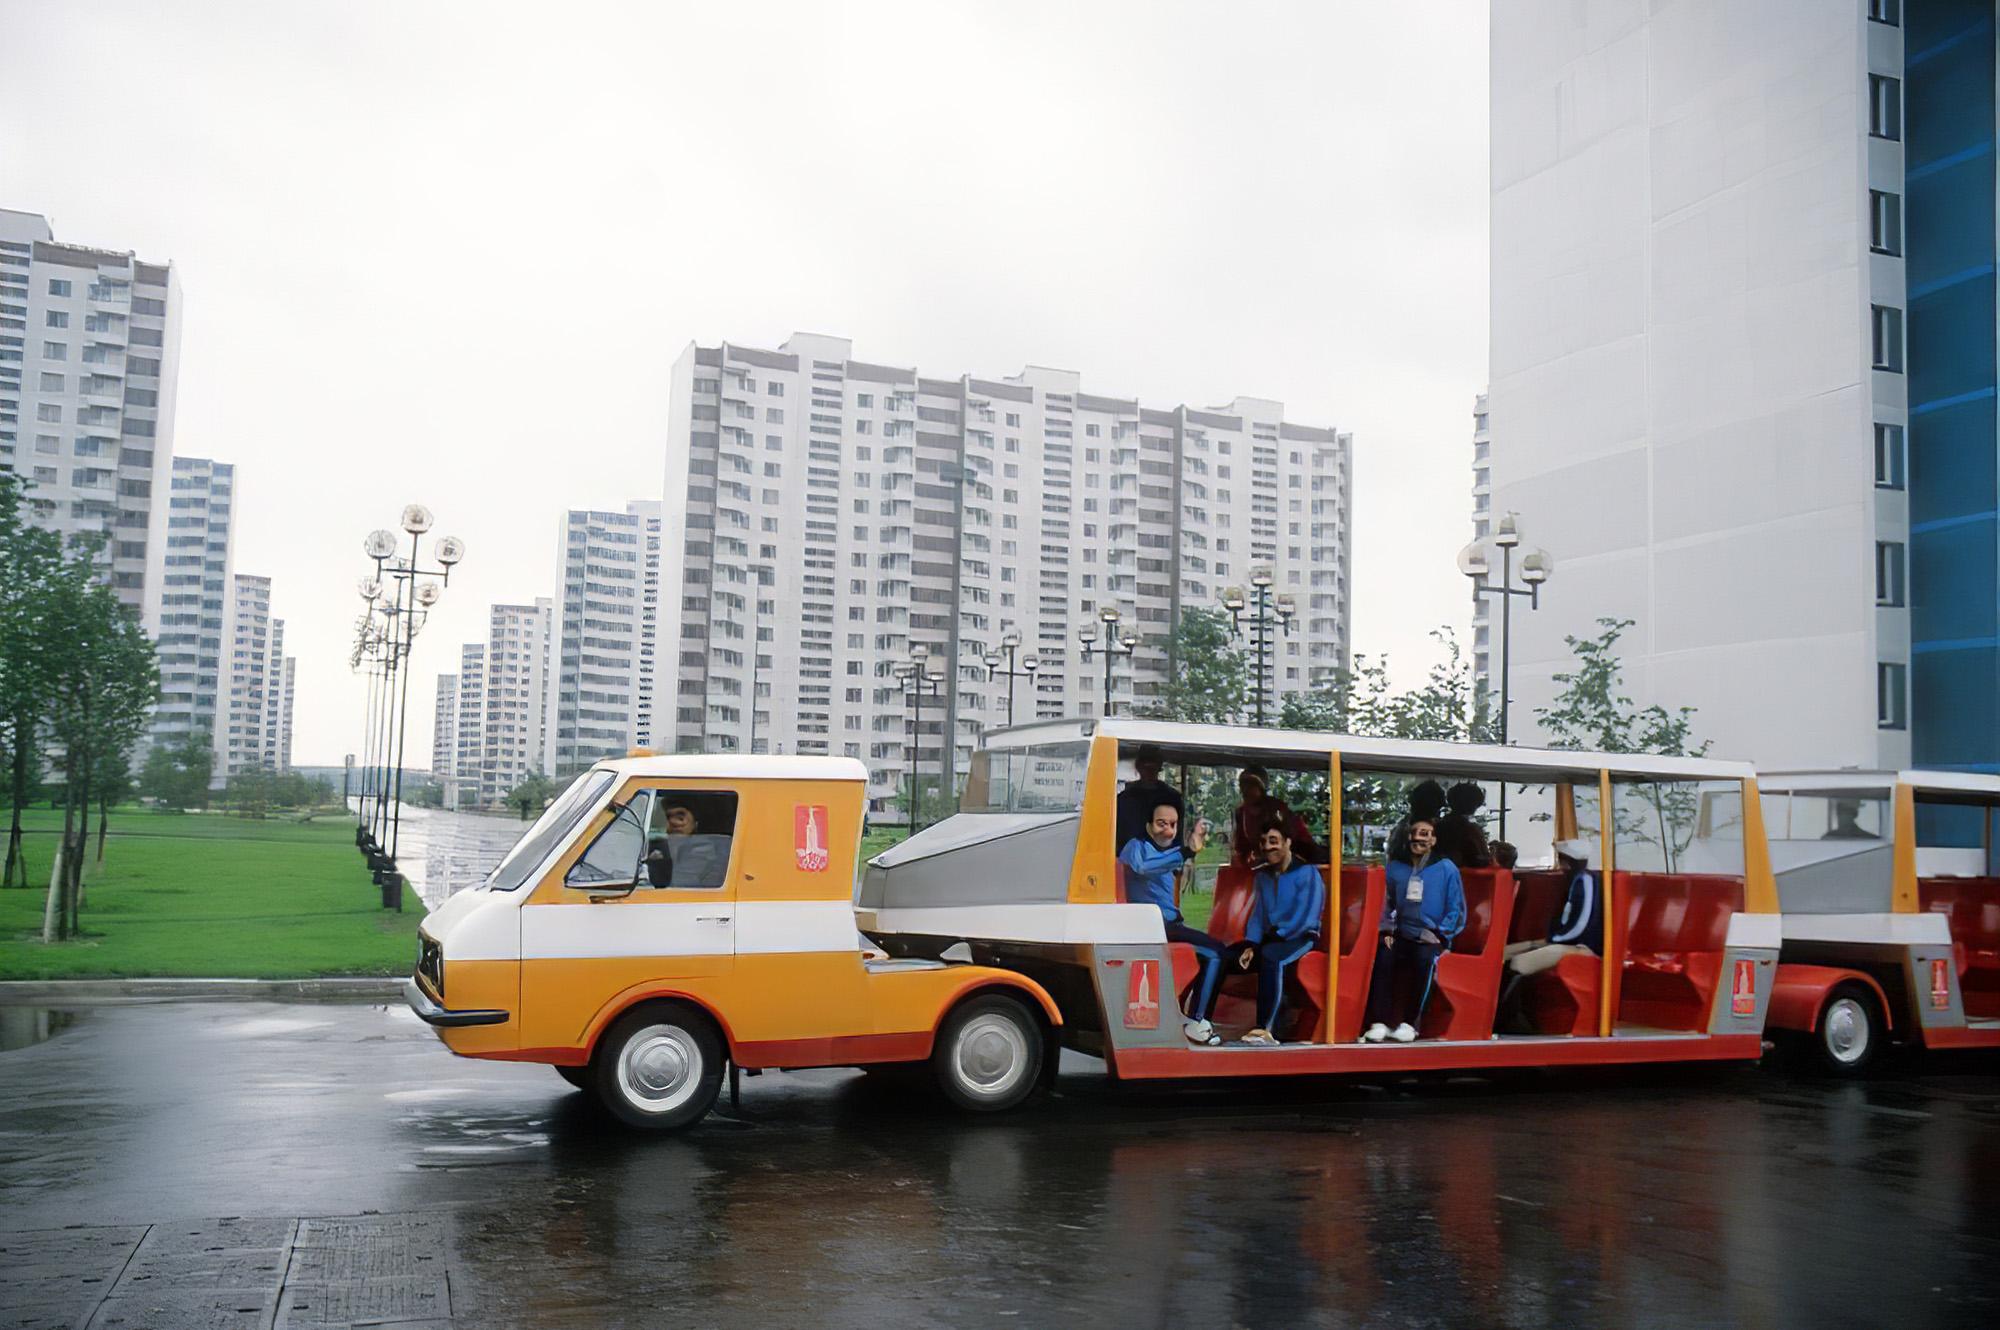 1980 Пассажирский автопоезд, курсировавший по территории Олимпийской деревни в Москве.Валентин Мастюков и Валентин Соболев Фотохроника ТАСС